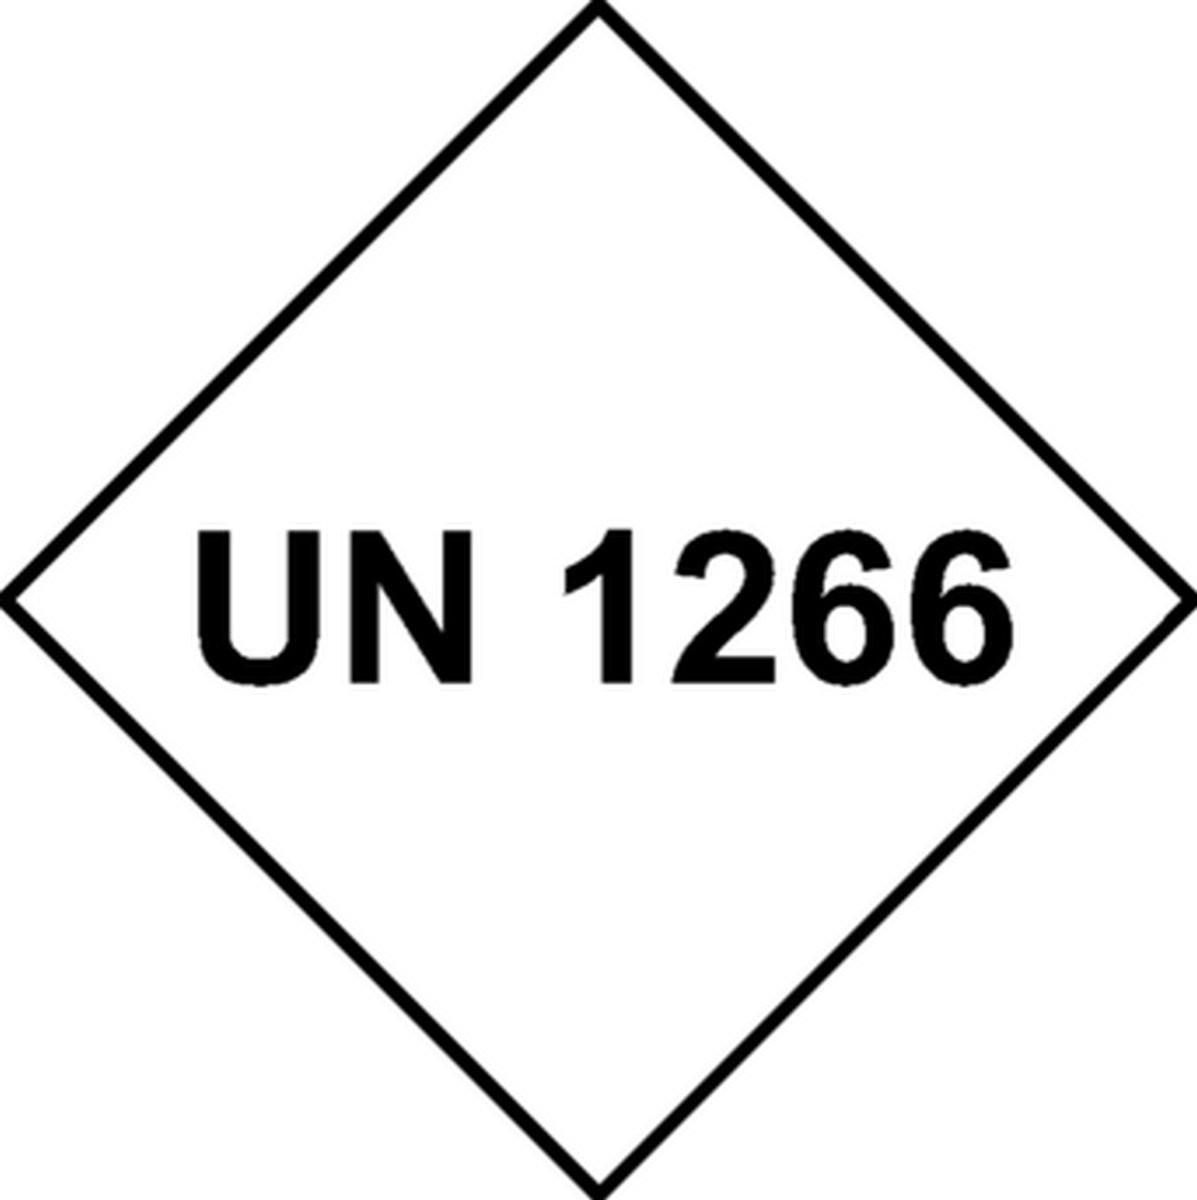 Etiquette 'UN' Personnalisable